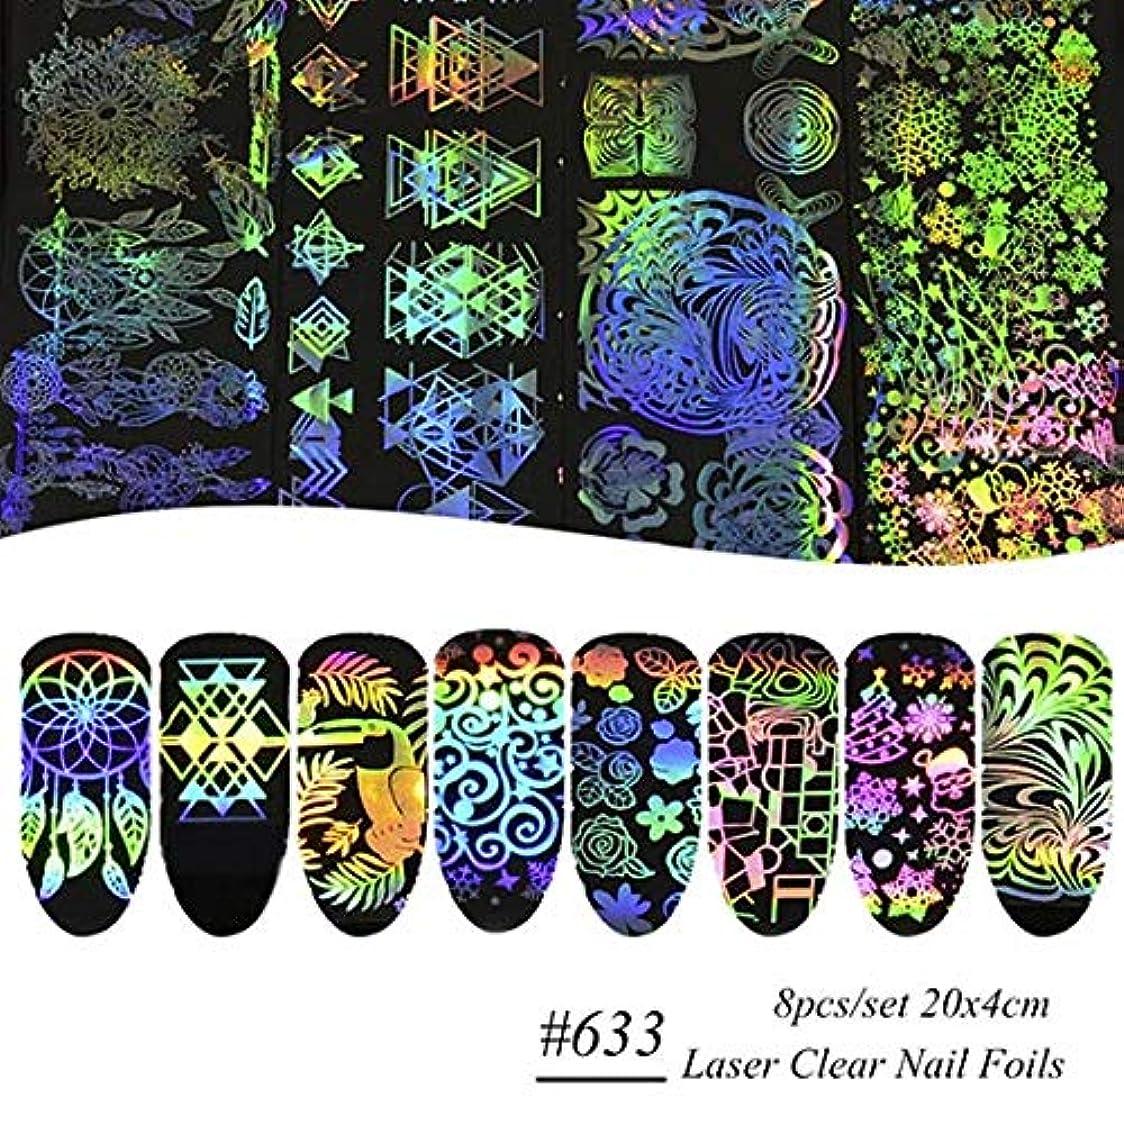 SUKTI&XIAO ネイルステッカー 1セット混合ホログラフィックネイル箔ステッカーレーザーマーブルグルー接着剤ラップネイルアートデコレーションマニキュアツール、633-8個